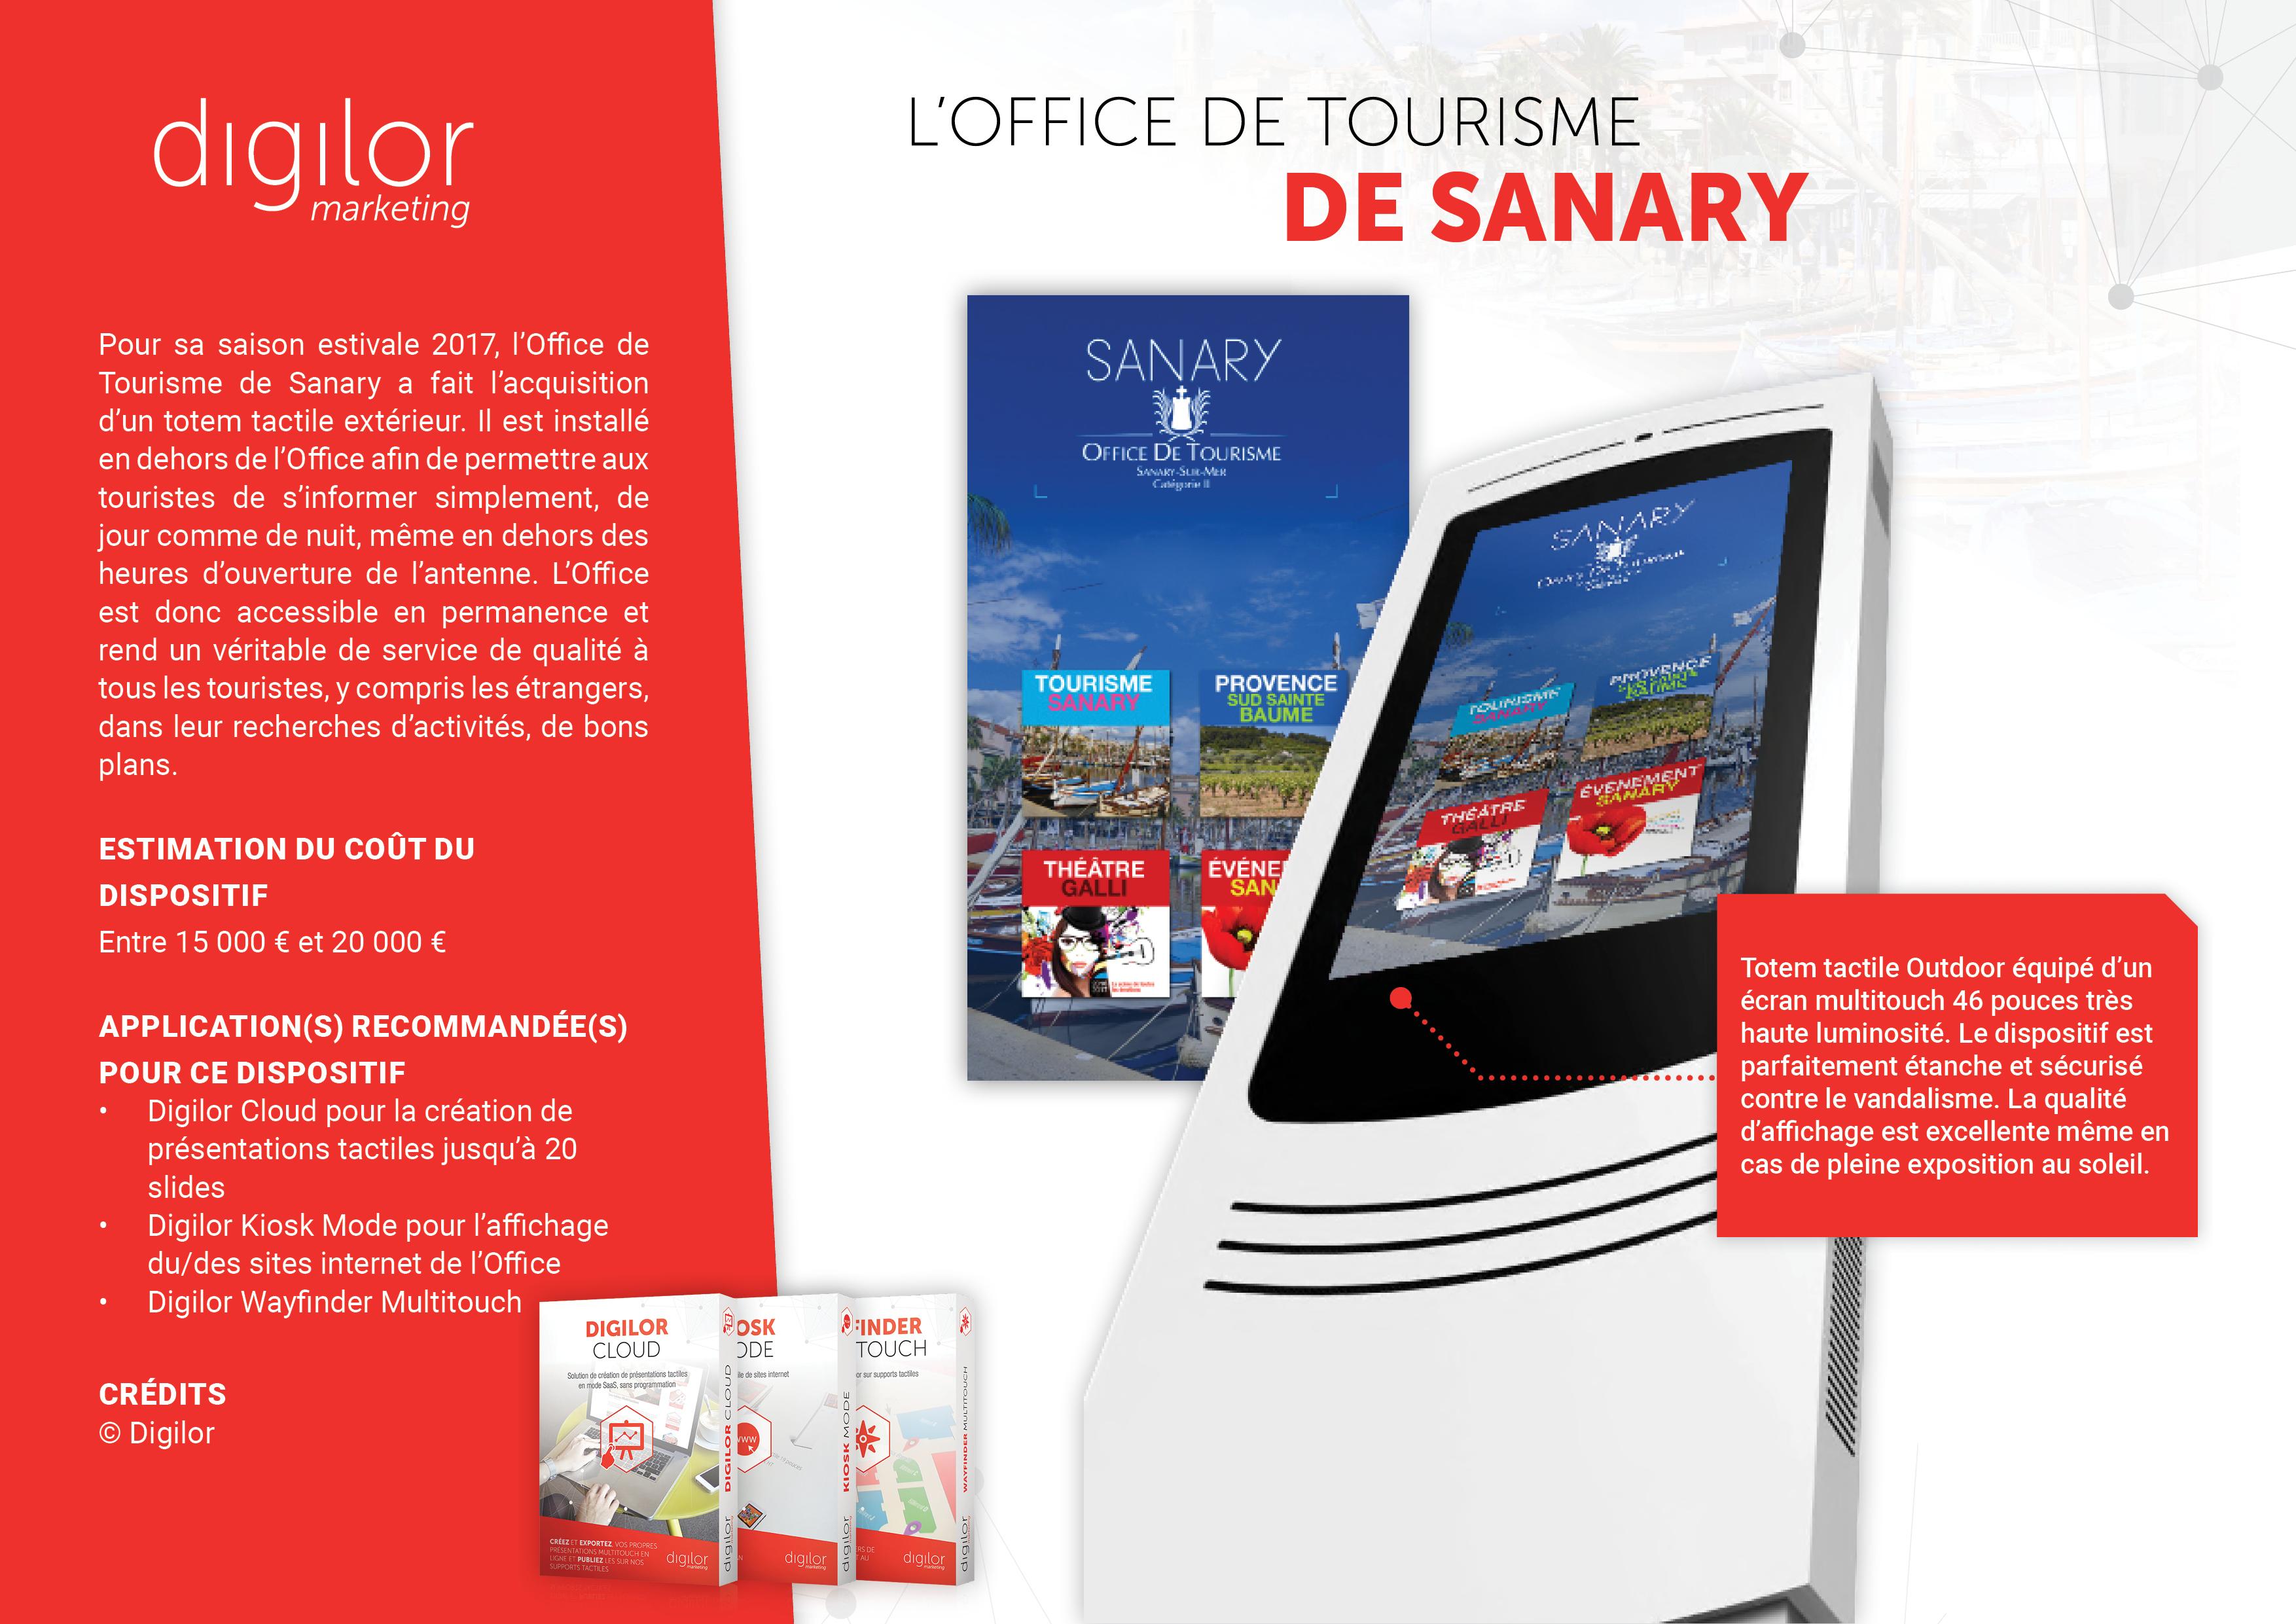 L'Office de Tourisme de Sanary